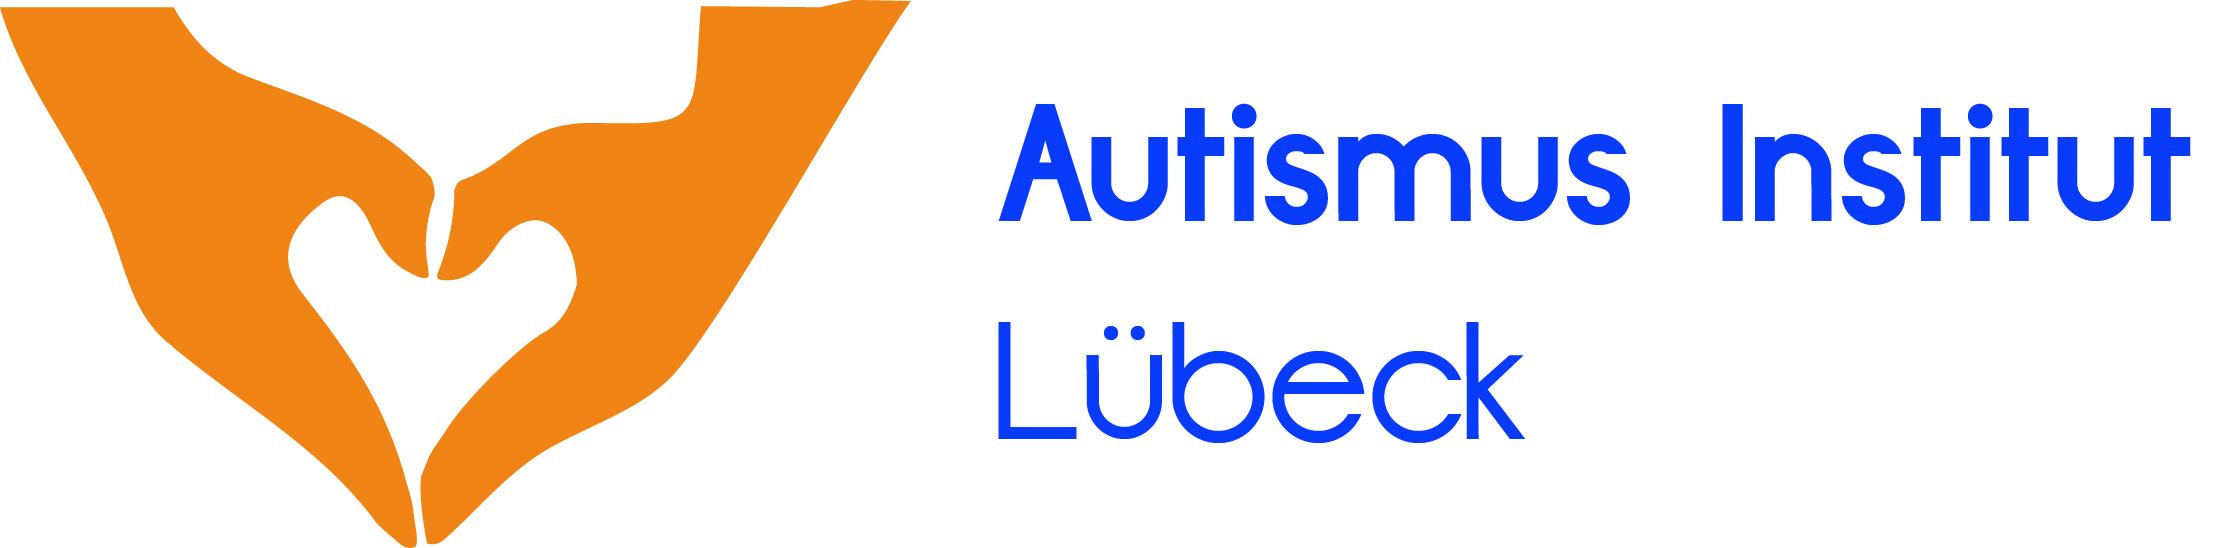 autismus-institut-luebeck.de favicon